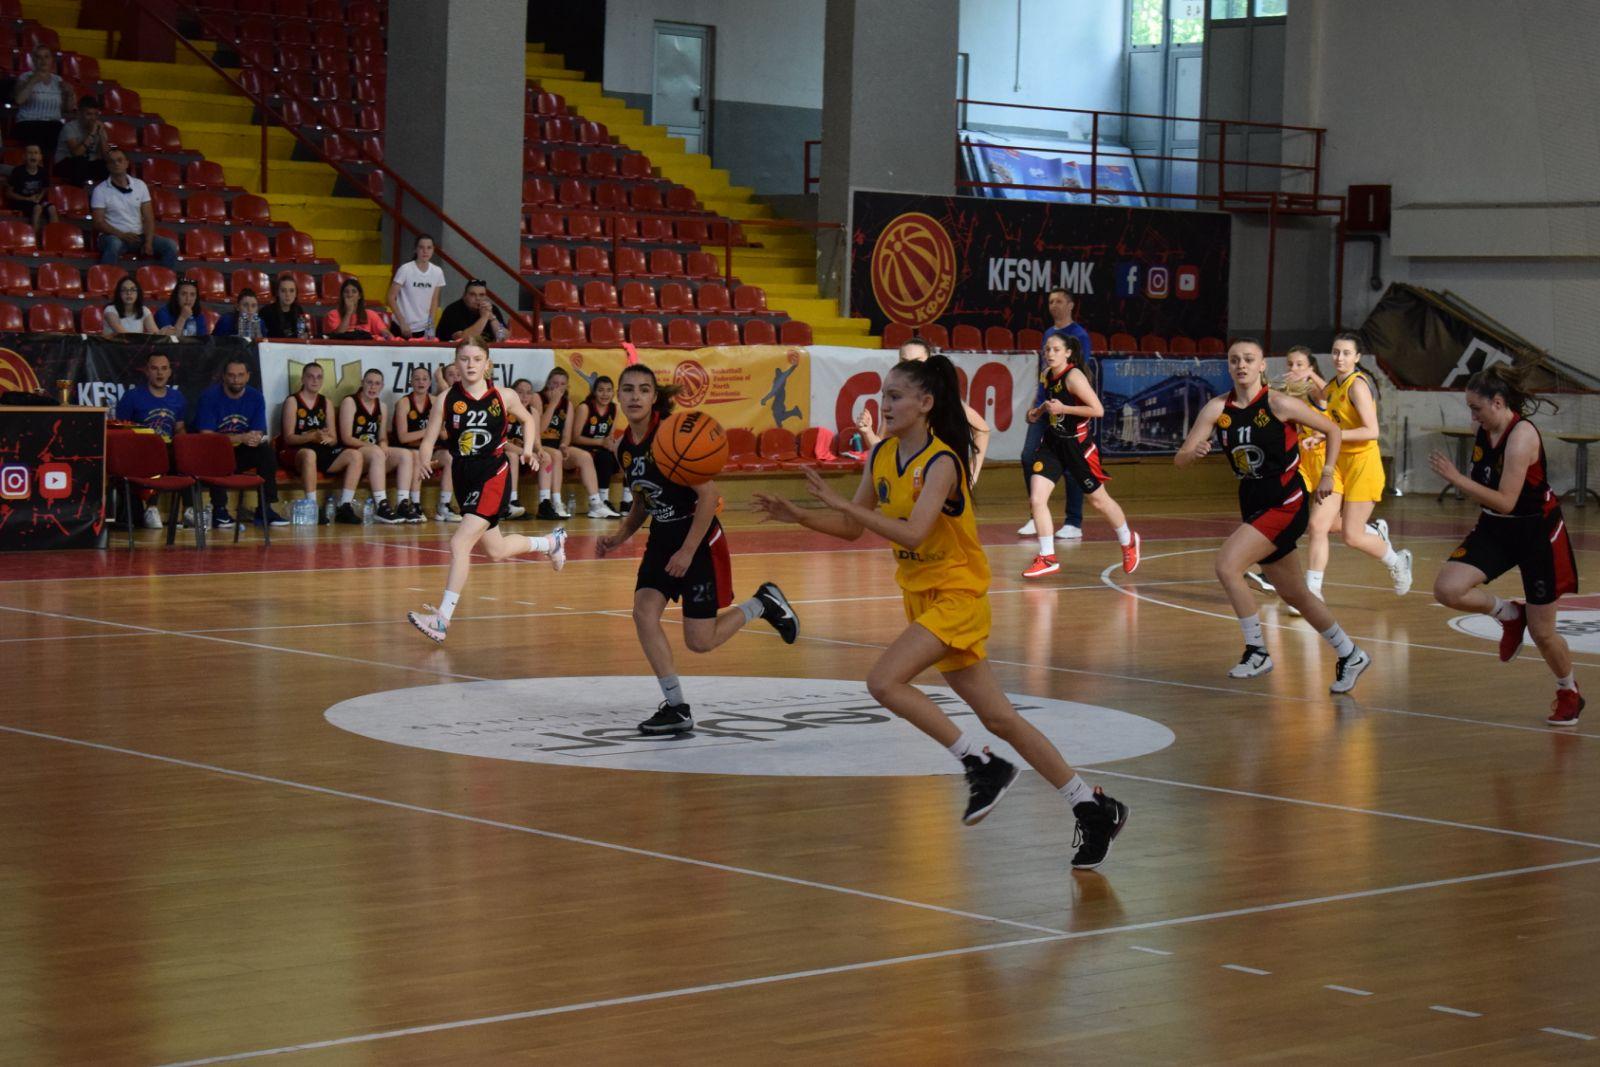 МЛАДИНСКИ ЛИГИ: Струга 2009 и Бадел 1862 ќе се борат за титулата во женската јуниорска лига